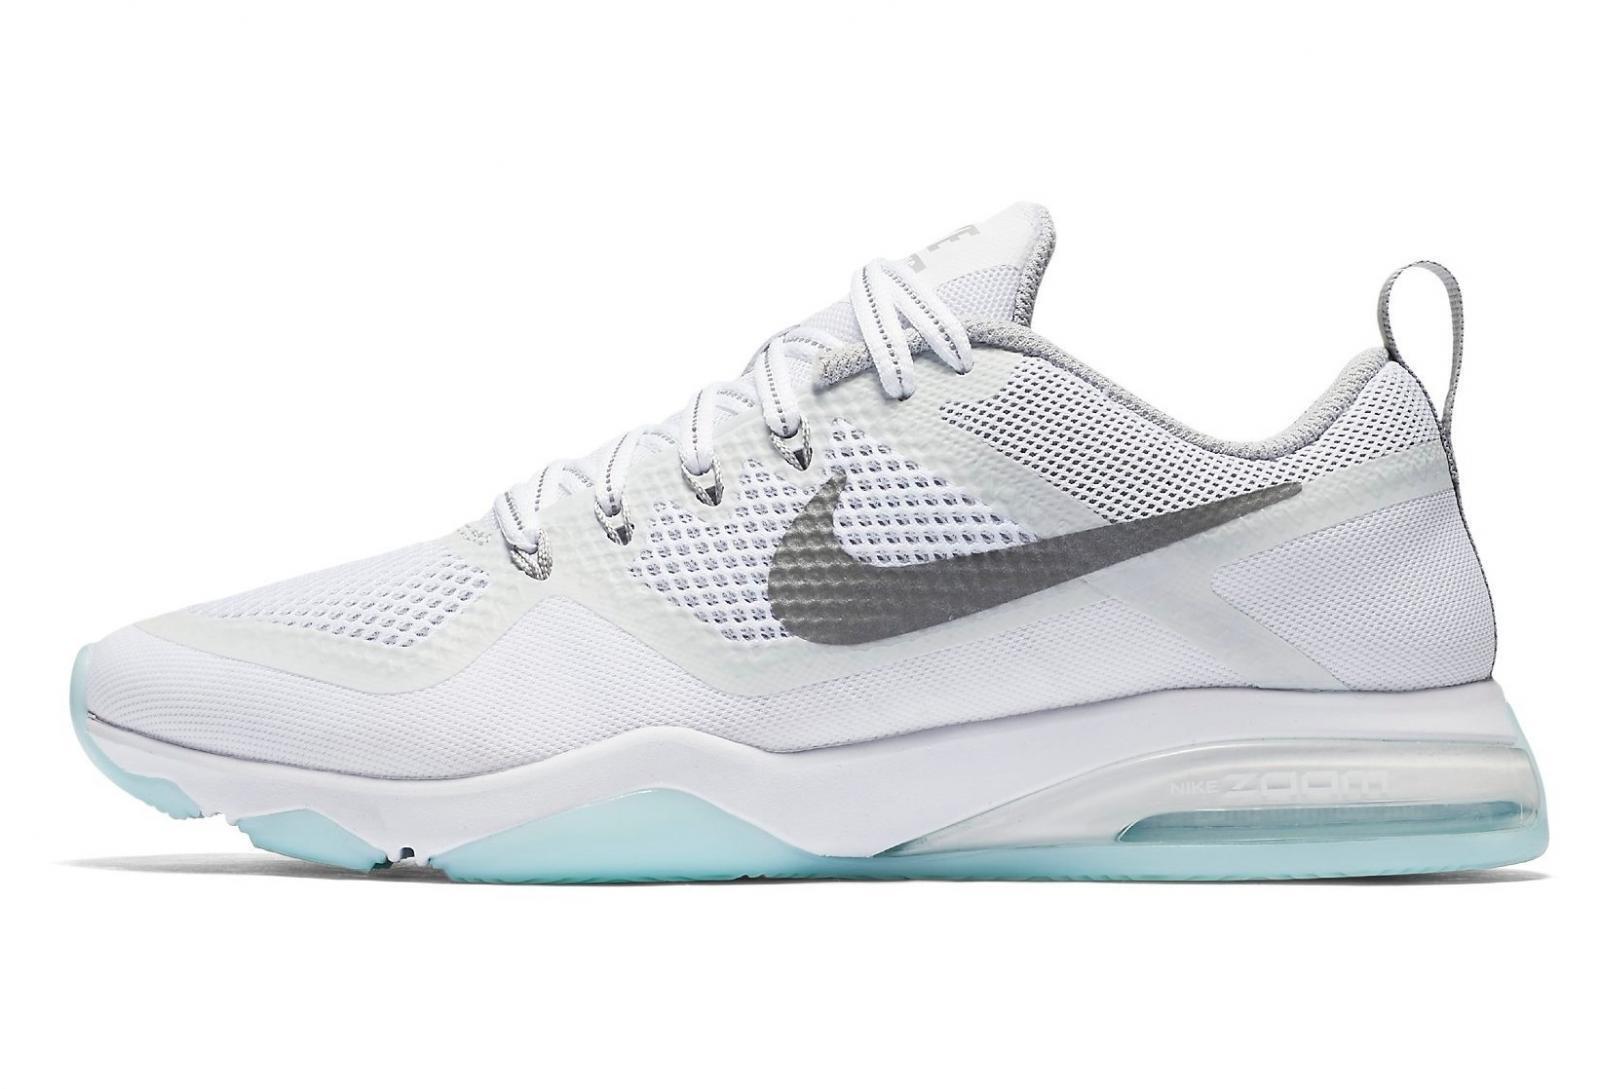 Damen Nike Air Zoom 922878 Fitness Reflektor Weiße Sportschuhe 922878 Zoom 100 ebe6a4